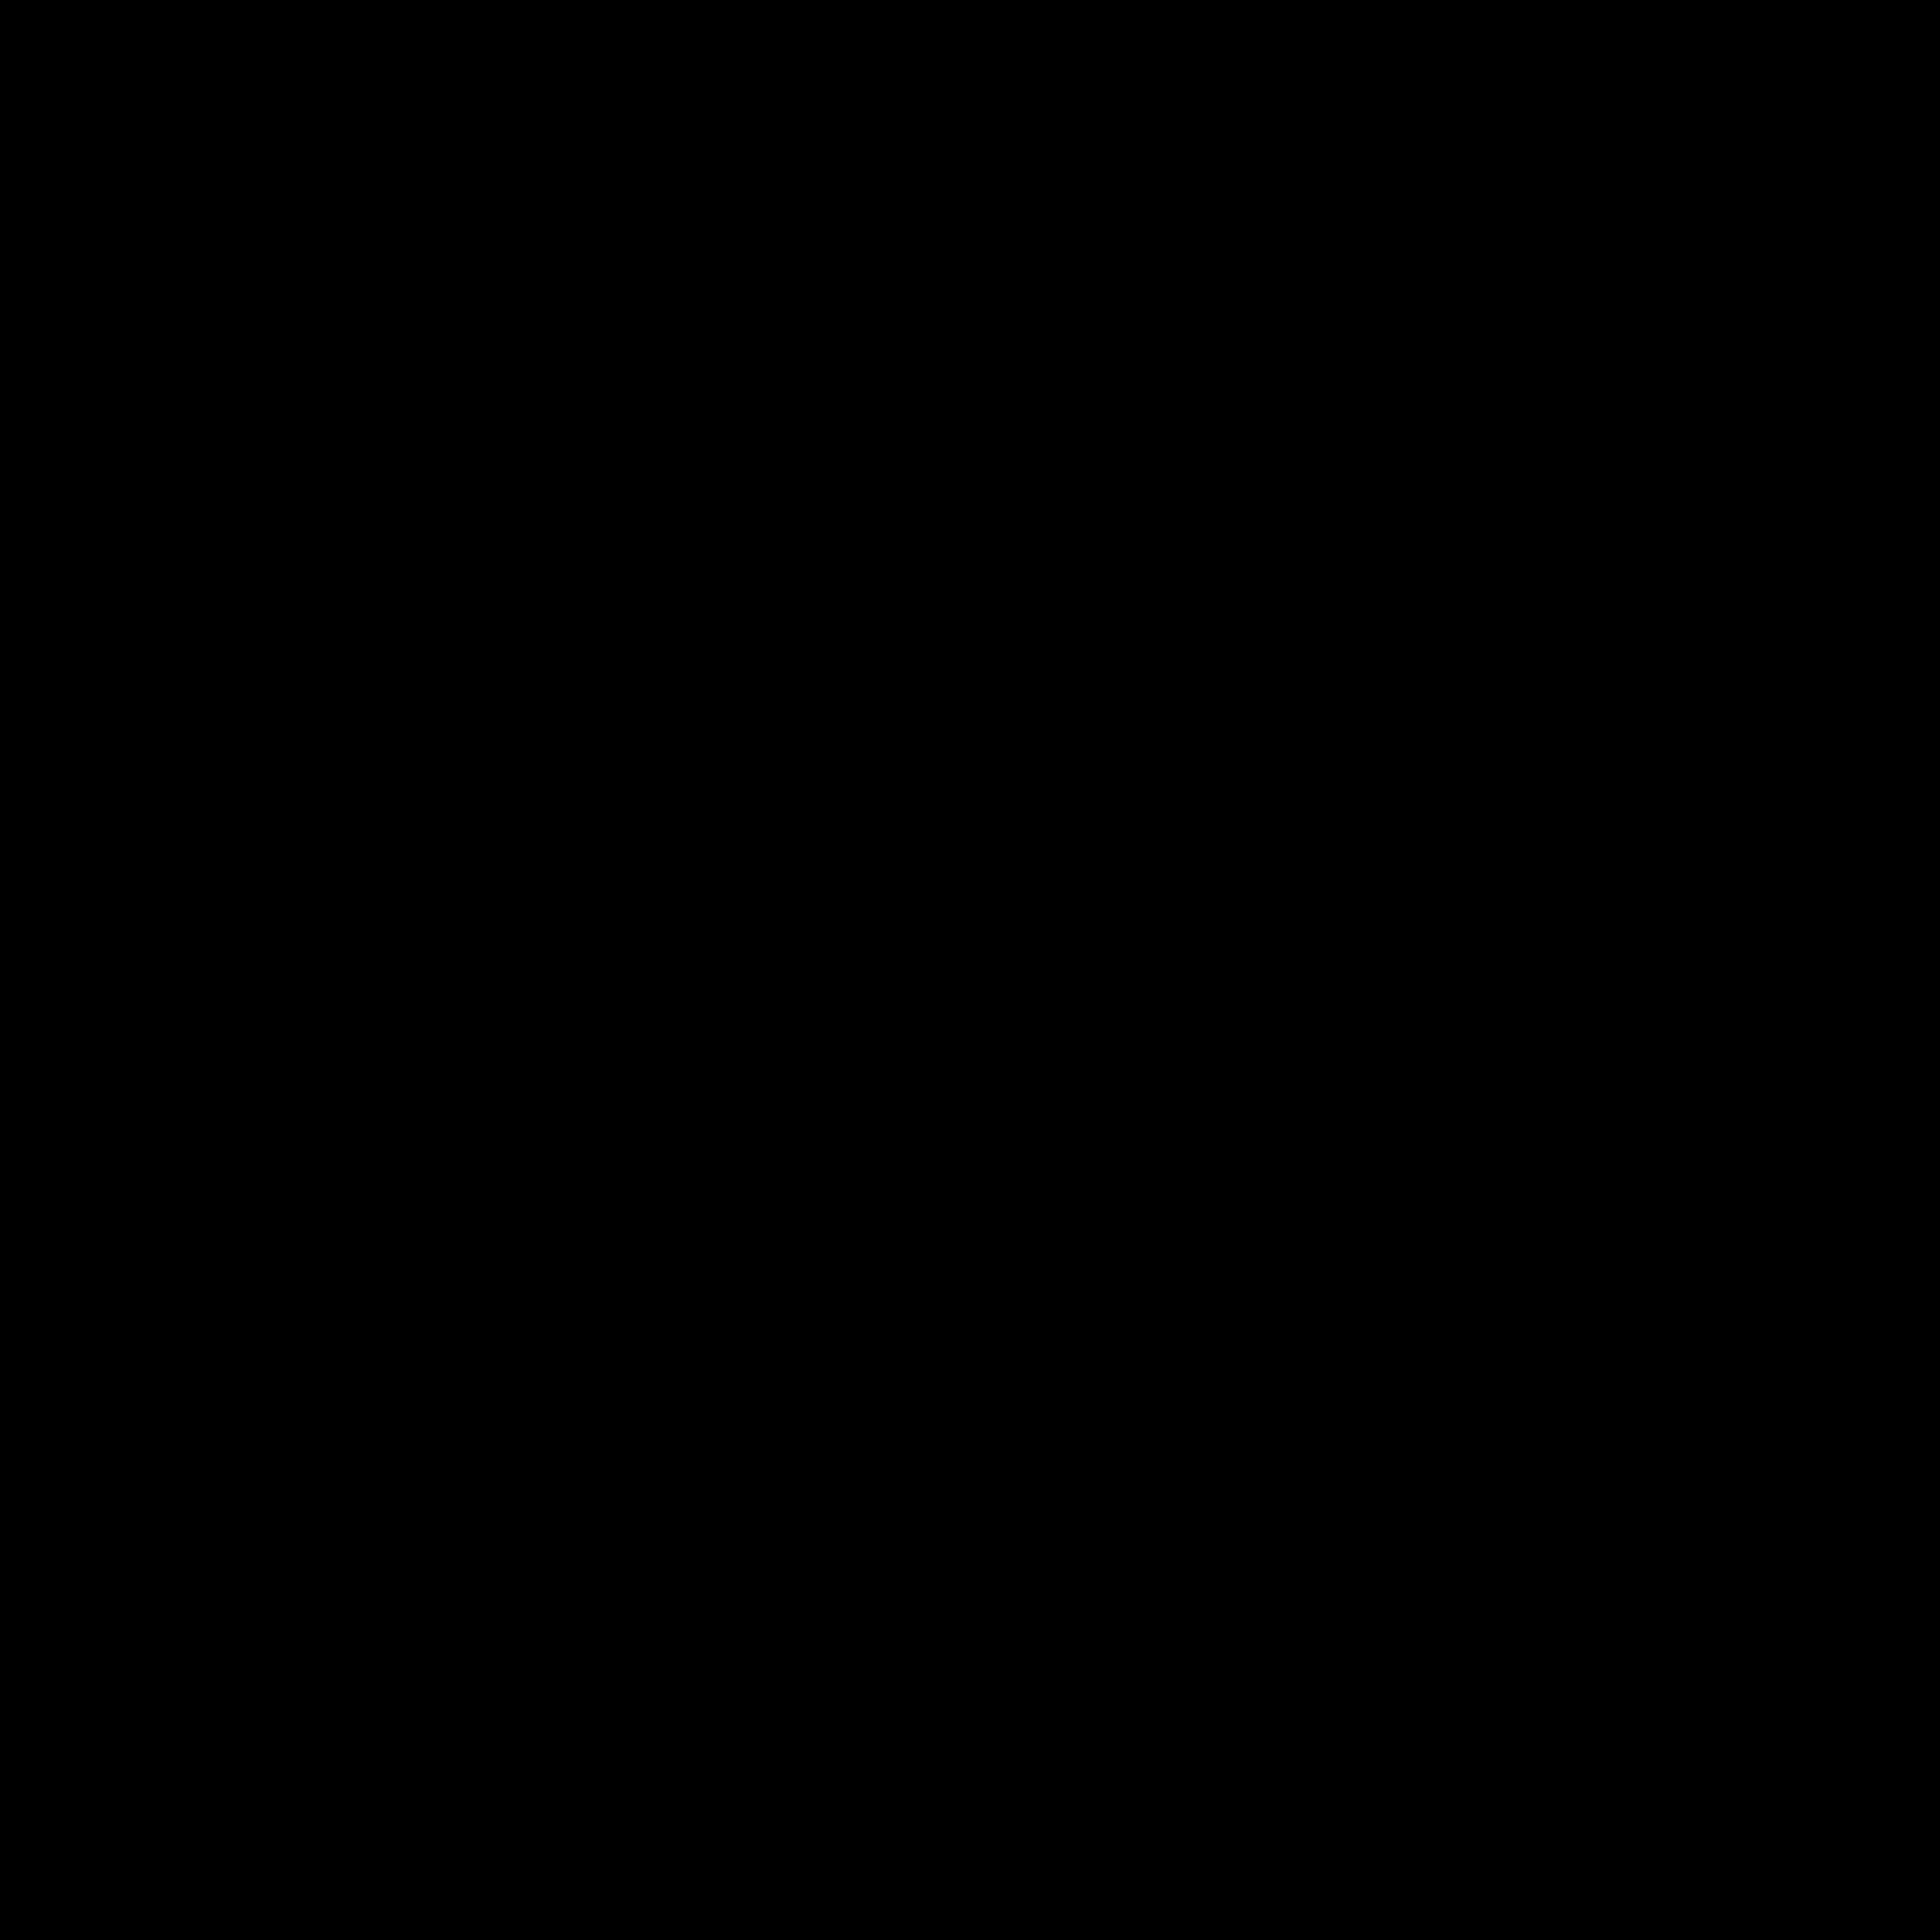 Chill 你的三十 S1 ep.6 (下) | 人生逃不掉的必考題也能Chill嗎? ft. Babii